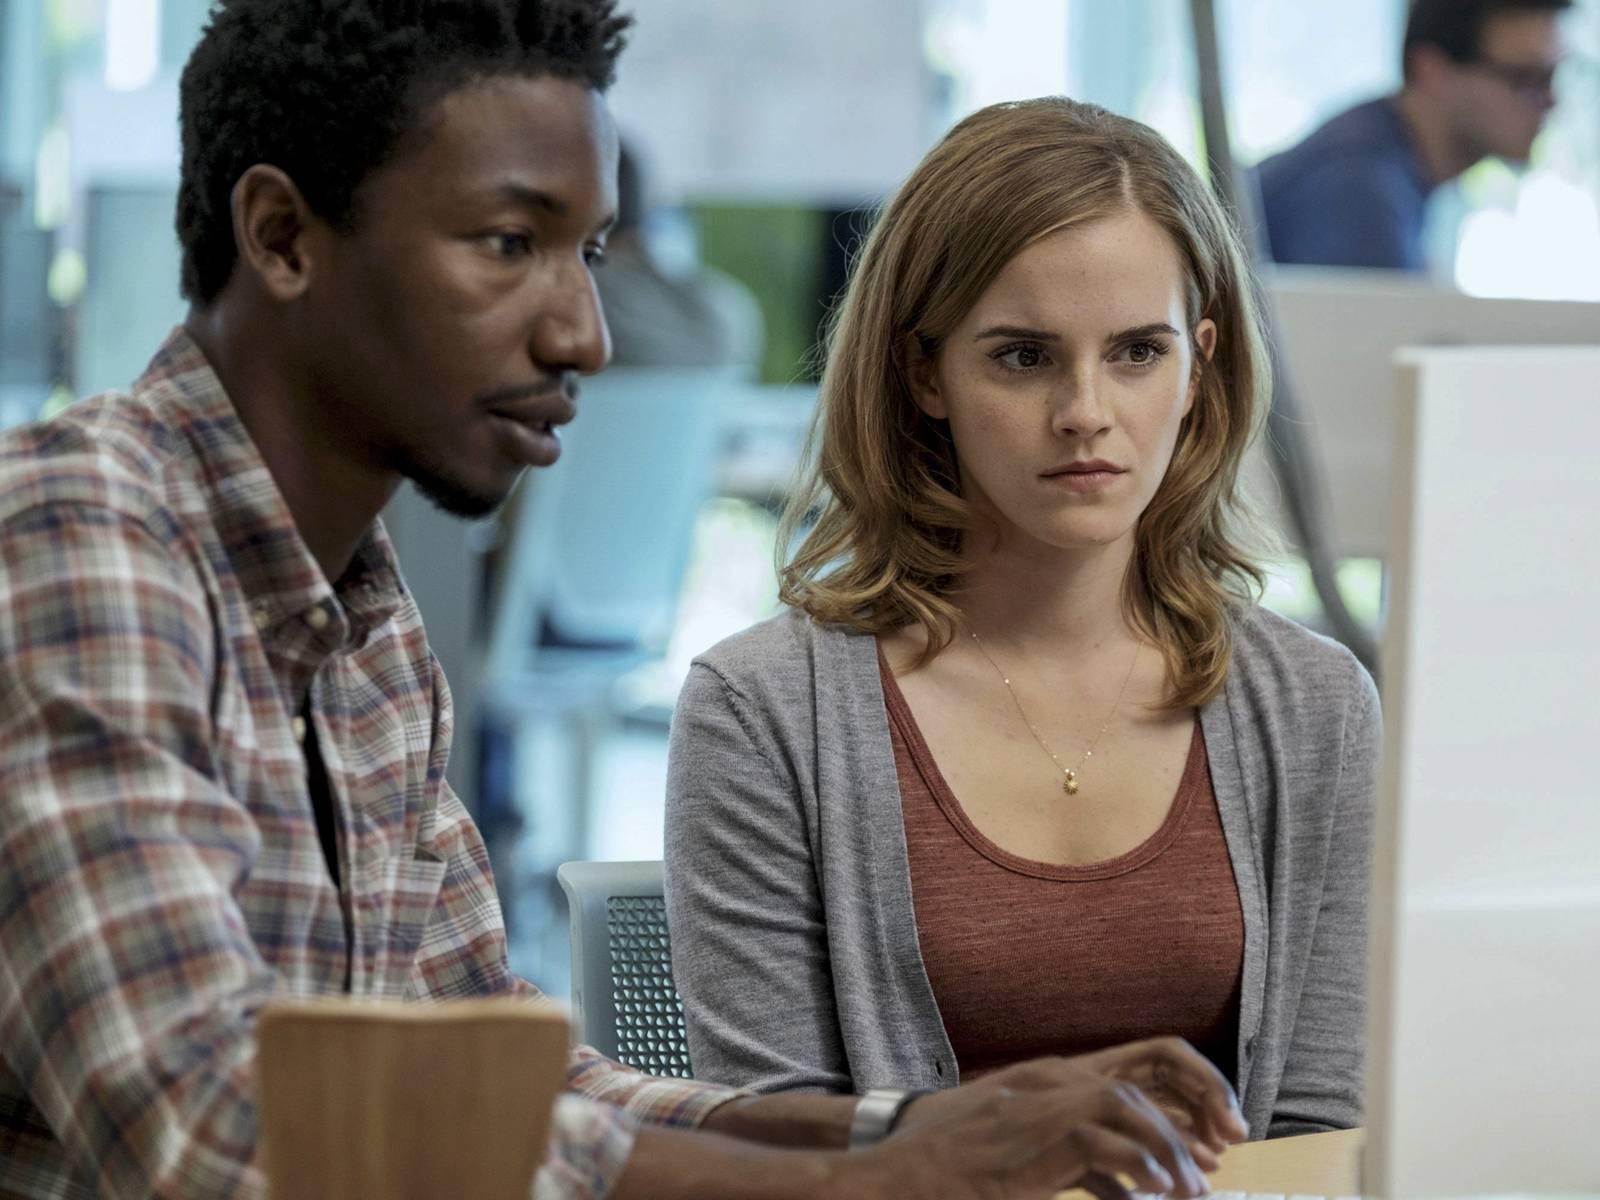 Ty, ein schwarzer junger Mann, und Mae Holland, eine weiße junge Frau sitzen nebeneinander vor einem Computerbildschirm.